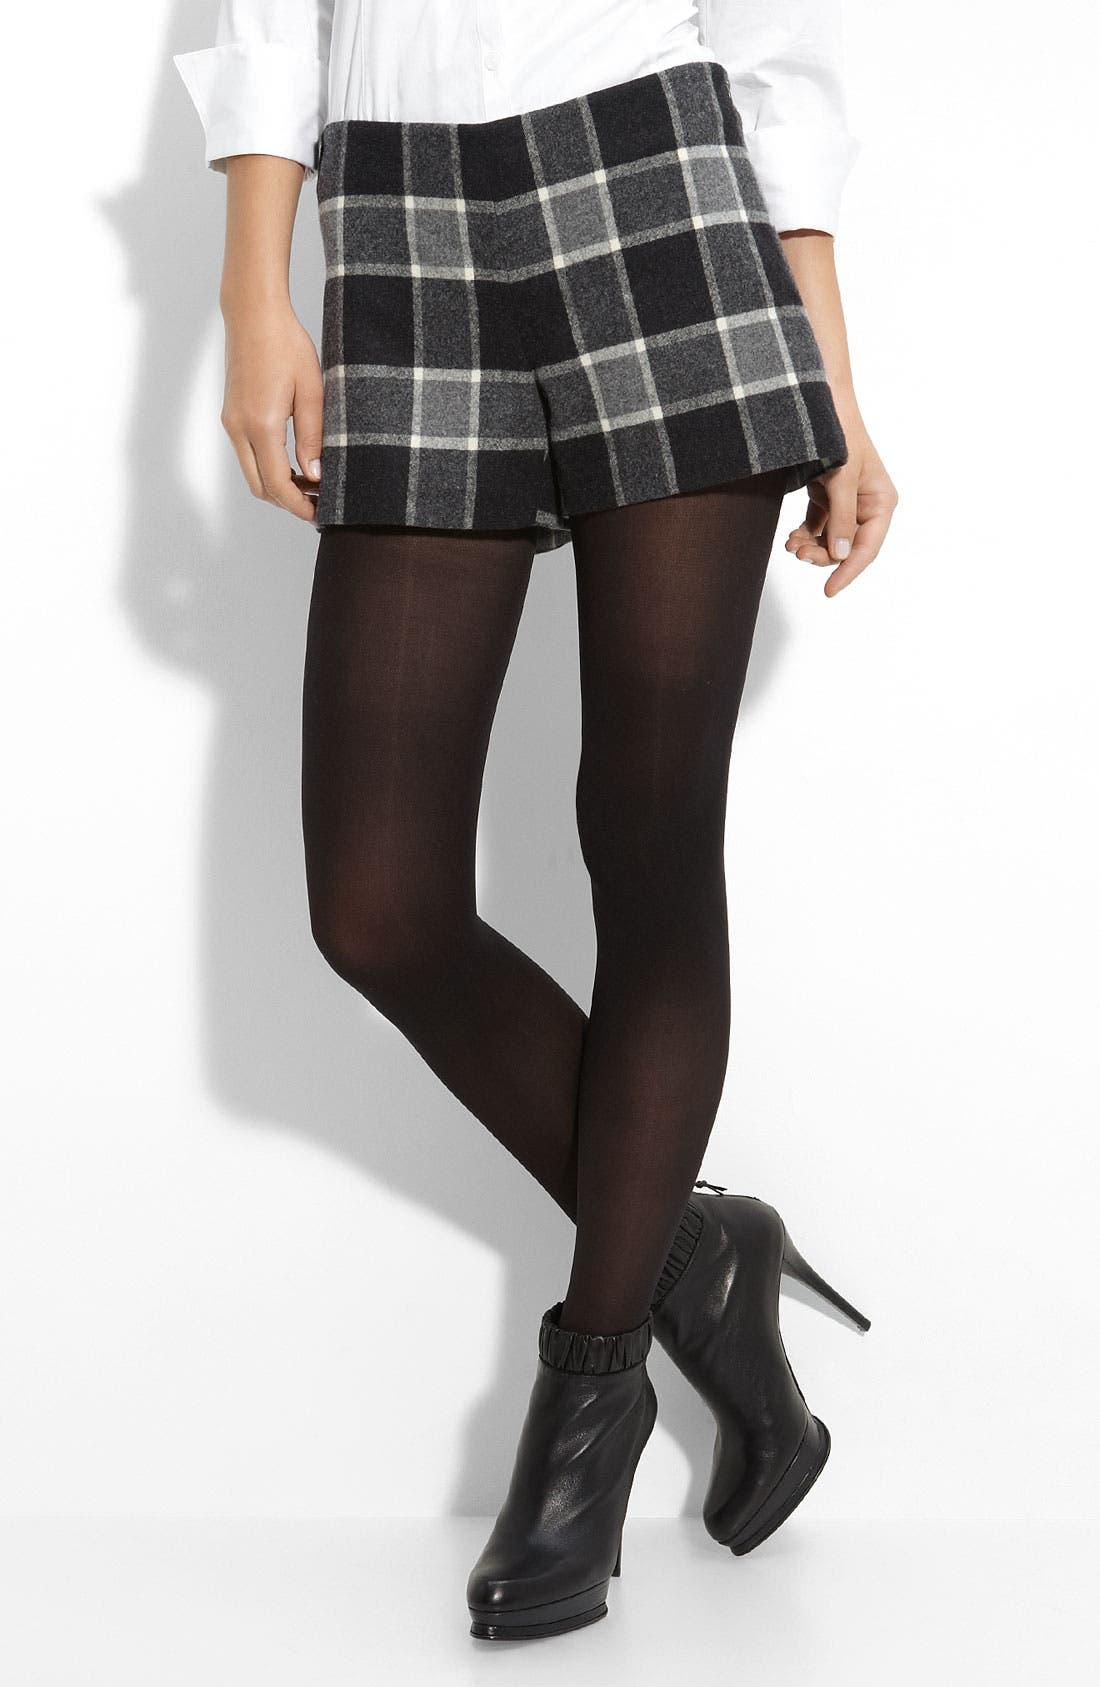 'Iselin - Blackfriars' Shorts,                             Main thumbnail 1, color,                             Black/ Dark Charcoal